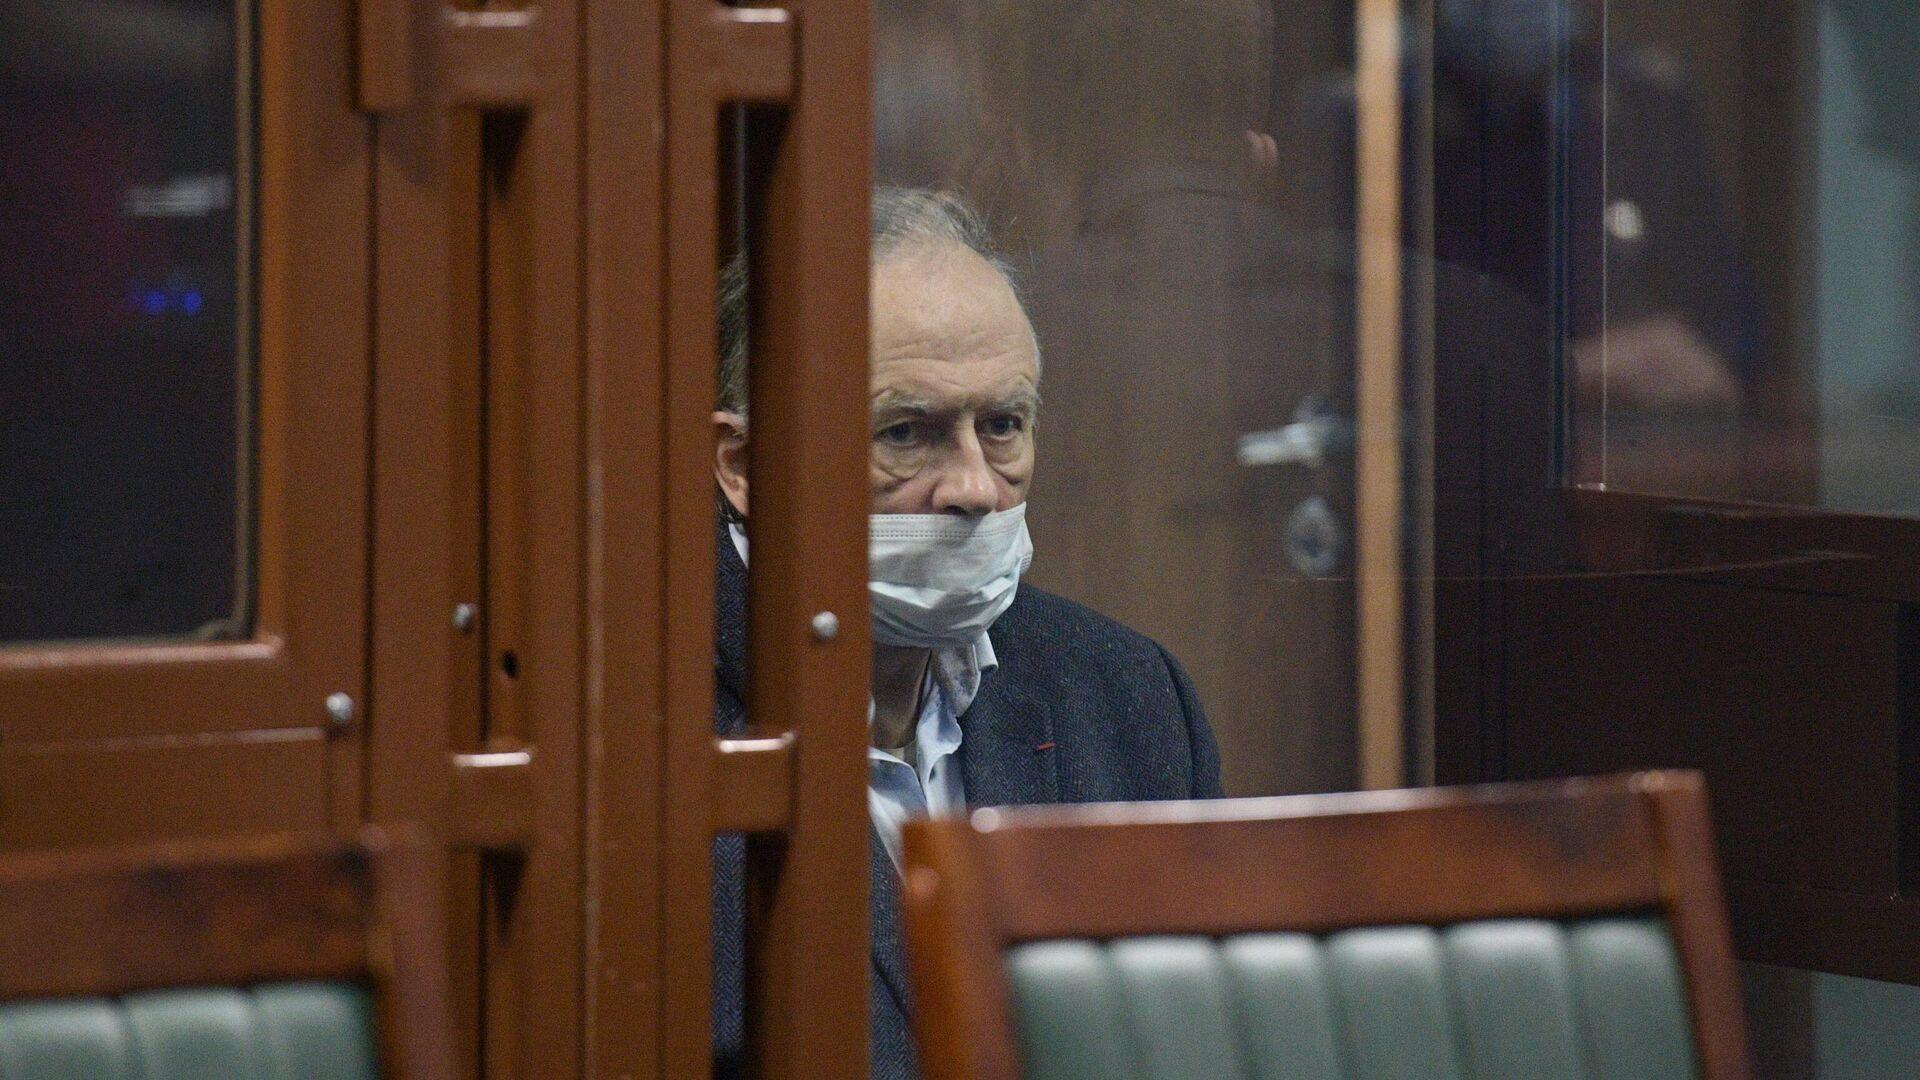 Суд Петербурга зарегистрировал жалобу на приговор историку Соколову